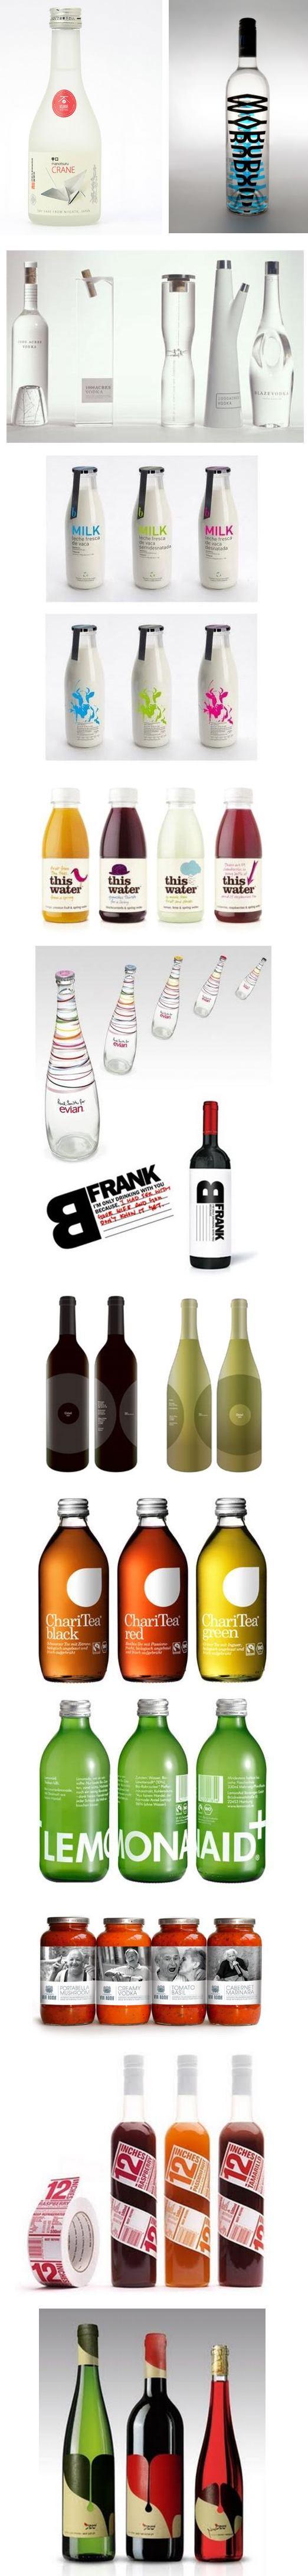 bottles design